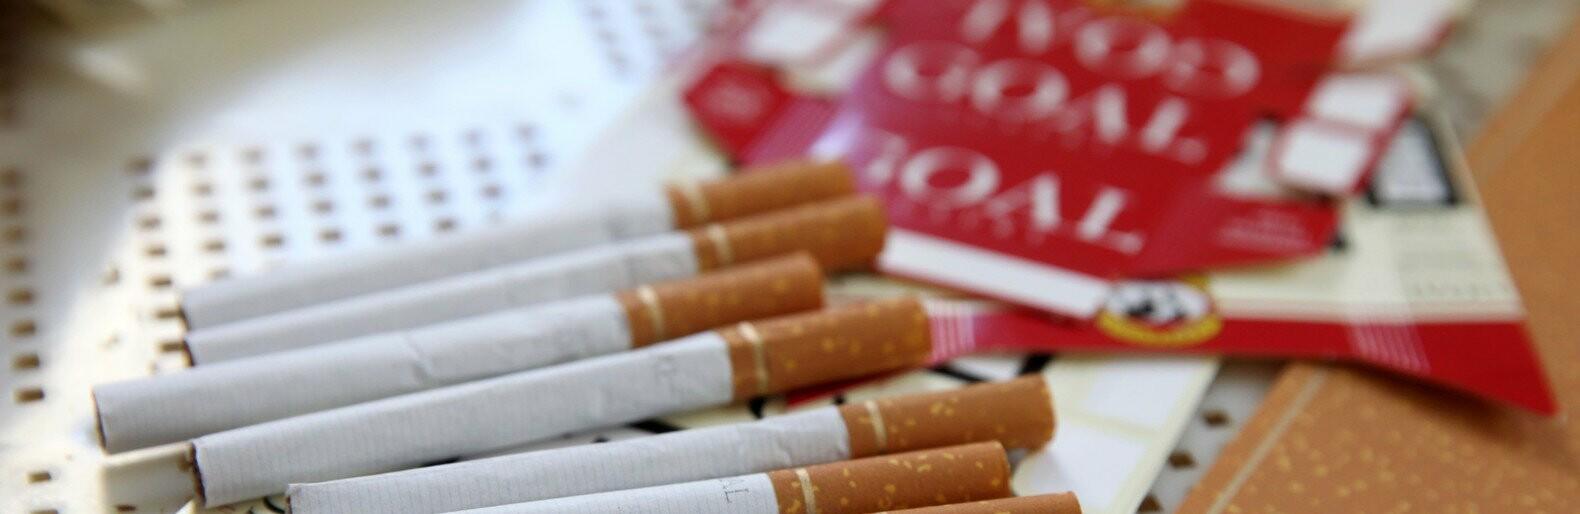 Купить ростовские сигареты luxlite одноразовые электронные сигареты отзывы